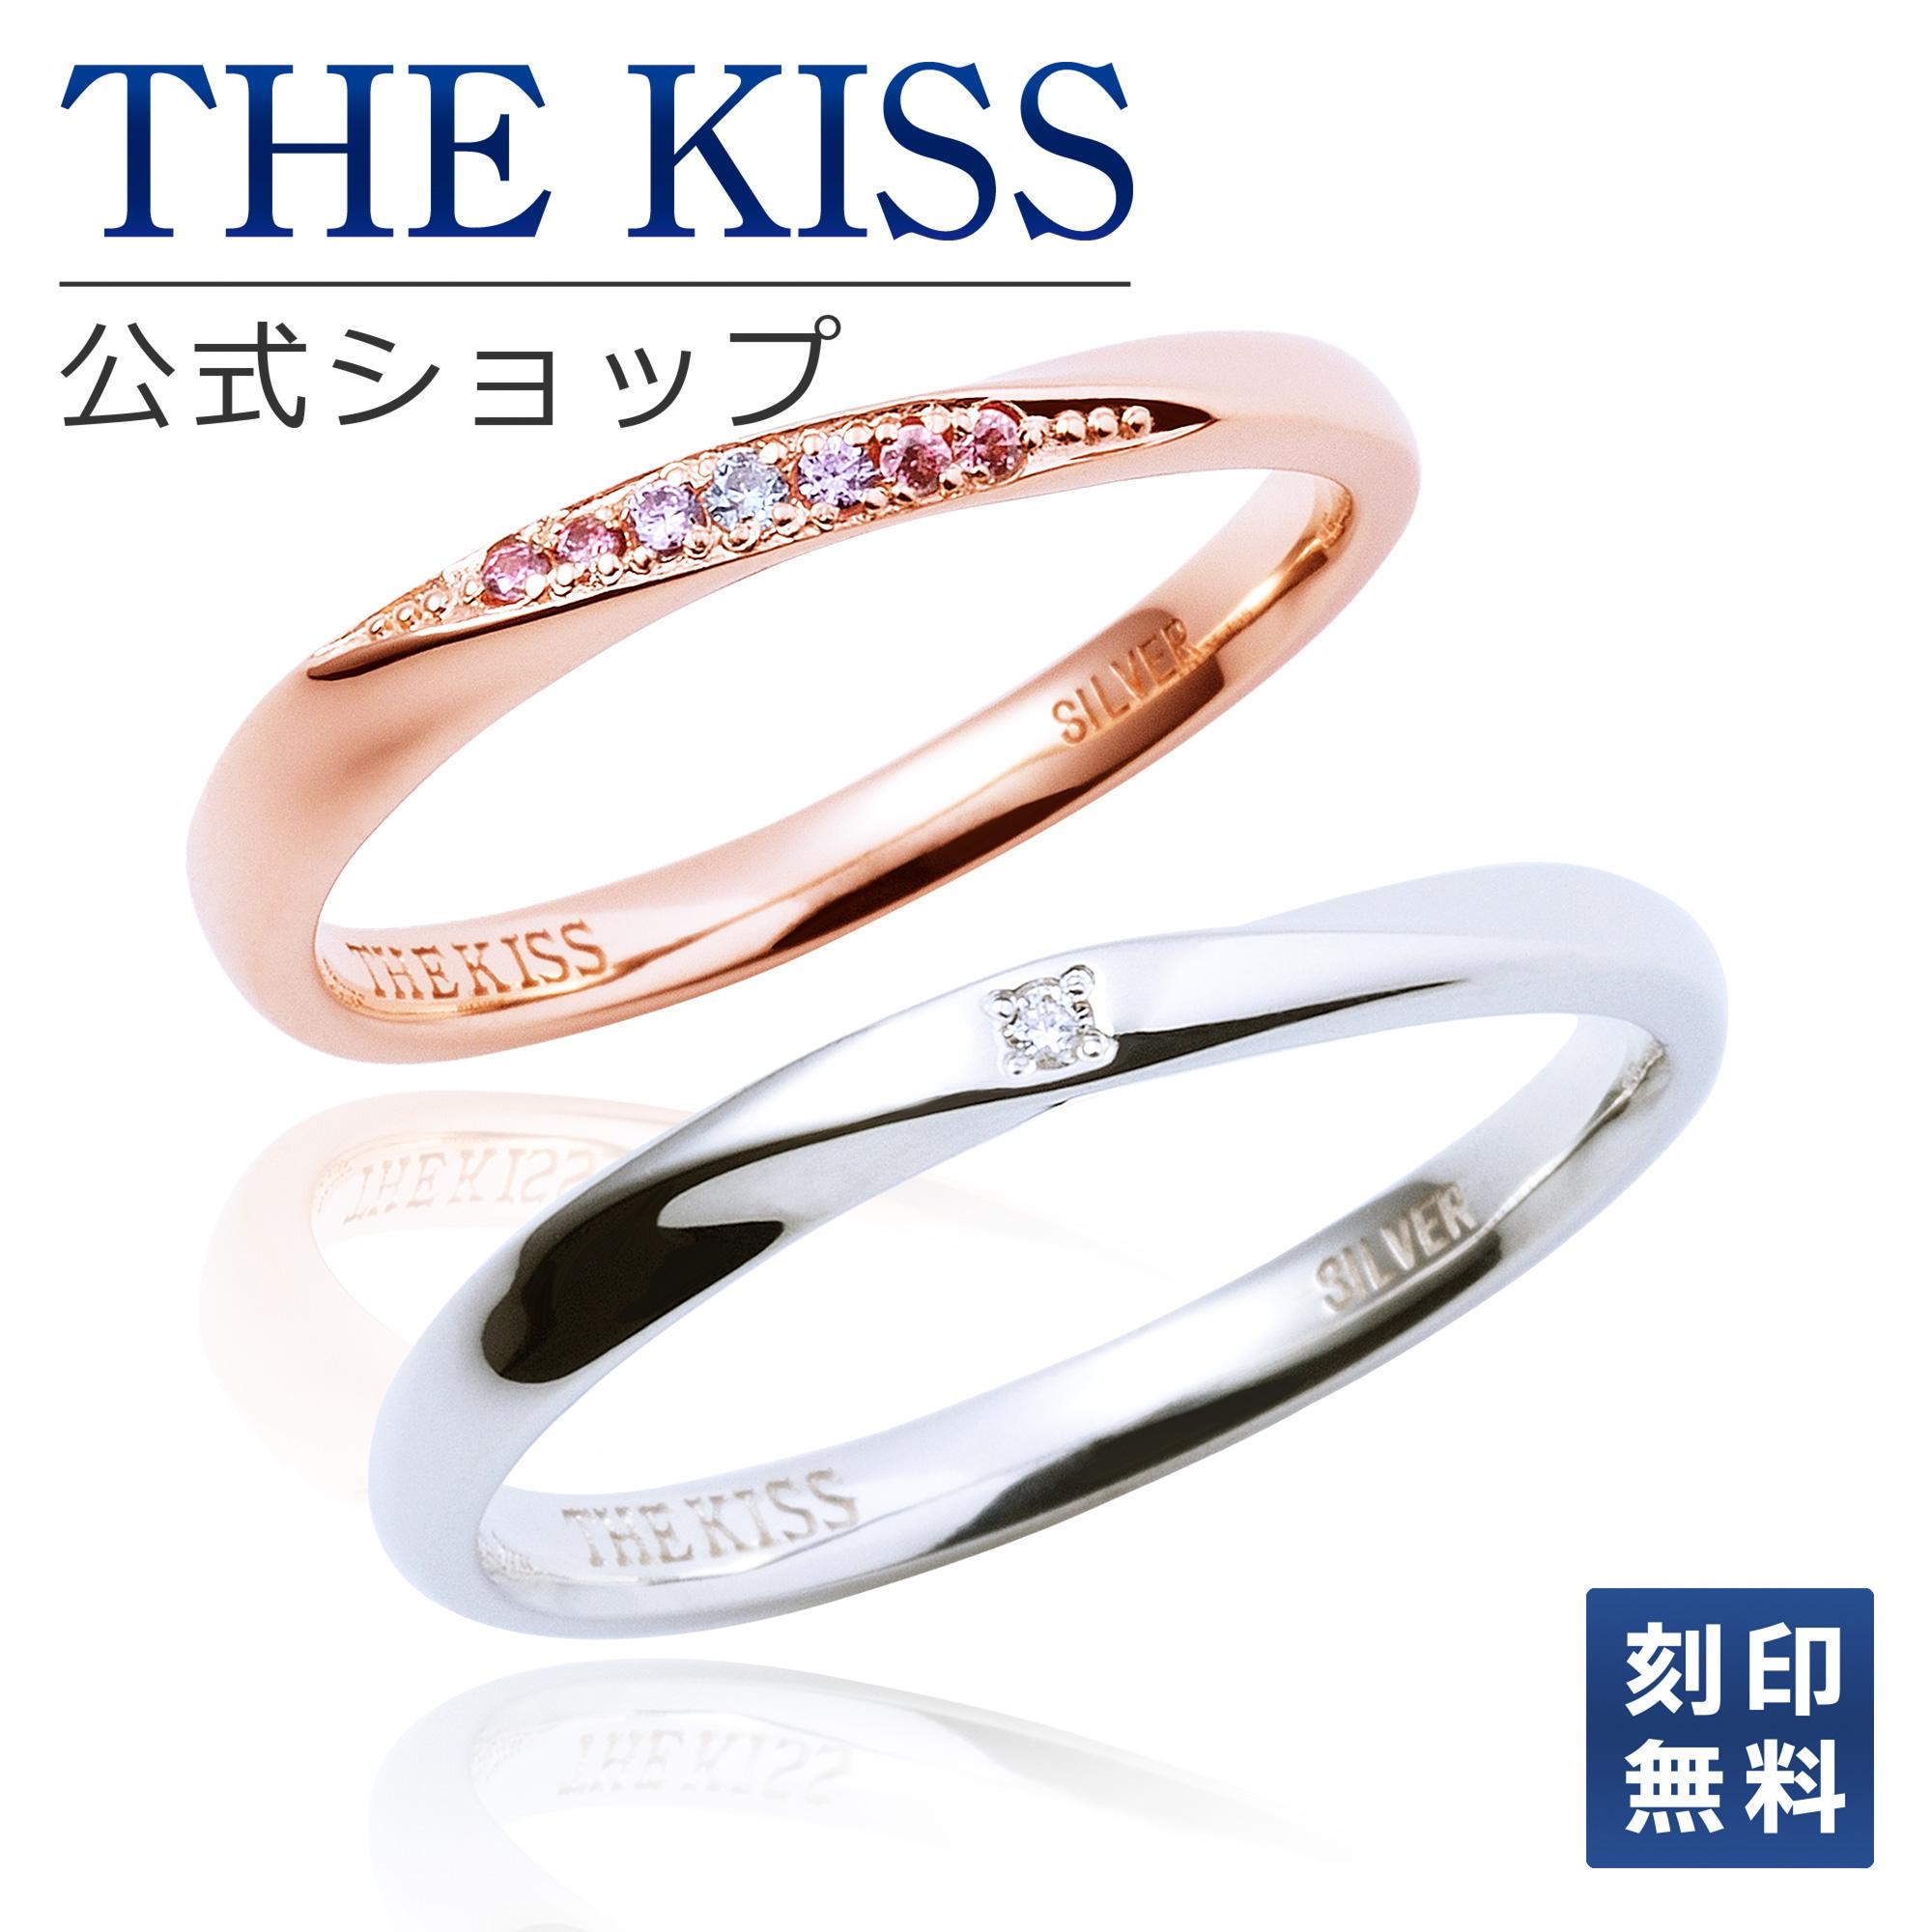 【あす楽対応】THE KISS 公式サイト シルバー ペアリング ダイヤモンド ペアアクセサリー カップル に 人気 の ジュエリーブランド THEKISS ペア リング・指輪 記念日 プレゼント SR1549DM-1552DM セット シンプル ザキス 【送料無料】